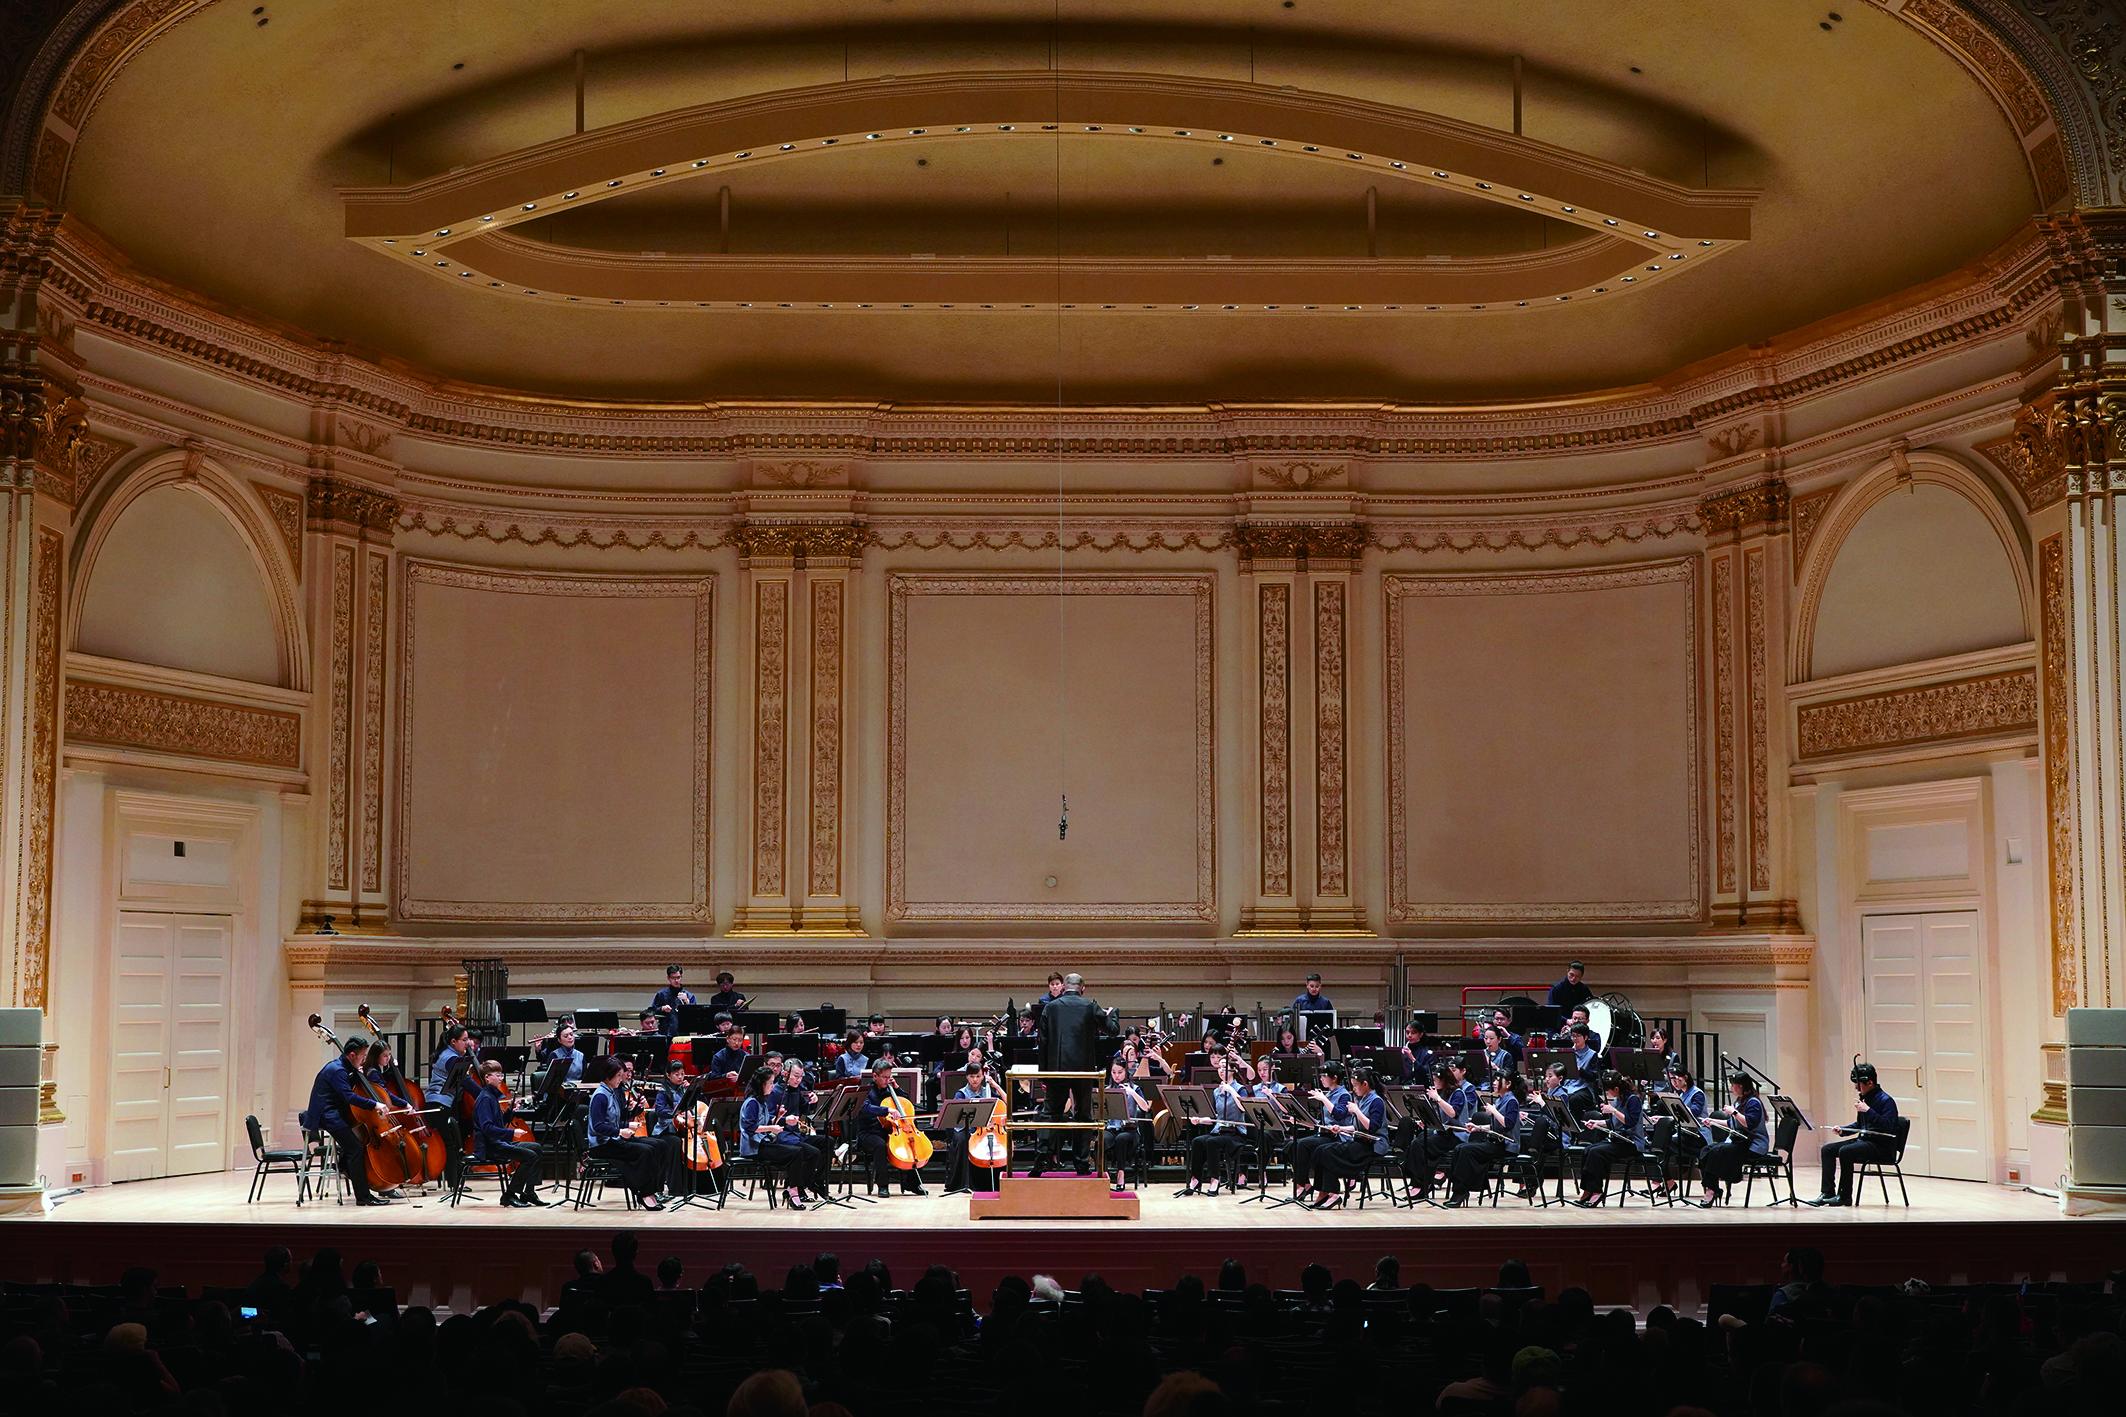 臺北市立國樂團登上卡內基音樂廳,團長鄭立彬說:「光是在卡內基音樂廳後臺休息室,想到有多少舉世頂尖的音樂家、樂團與指揮家曾經在此駐足等候,感動難以言喻。」.jpg